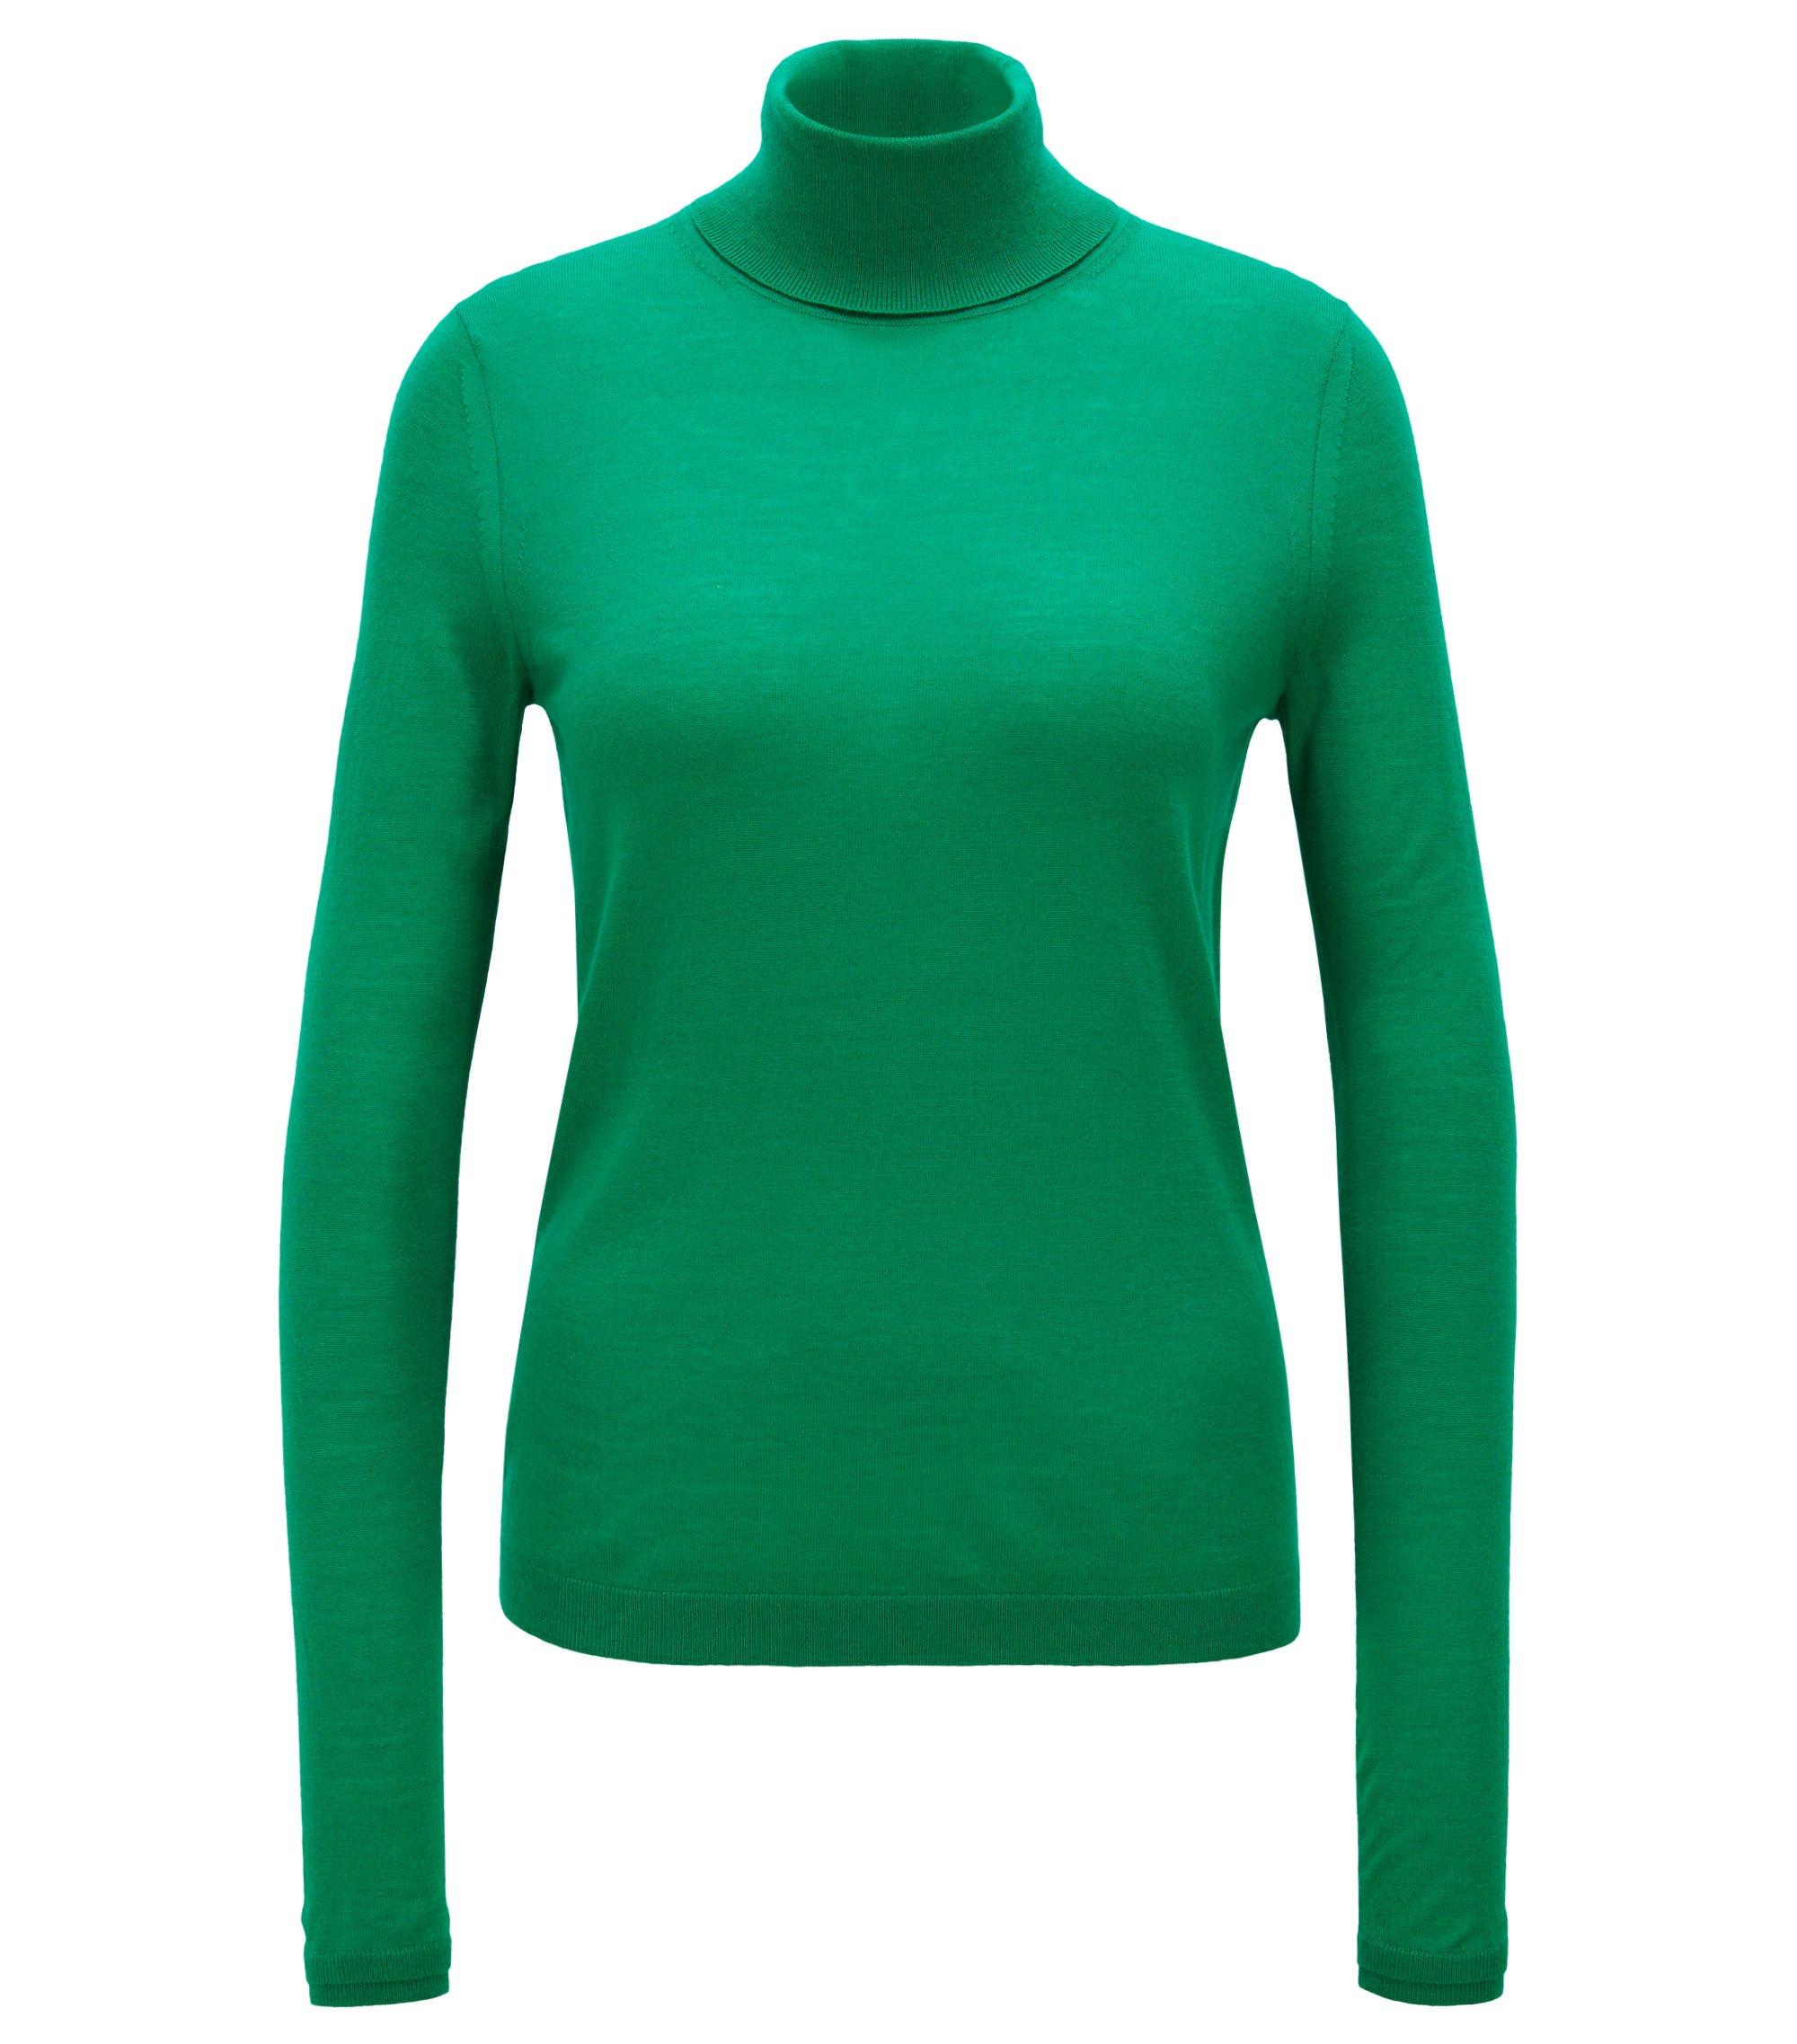 Slim-fit roll-neck sweater in mercerized virgin wool, Open Green